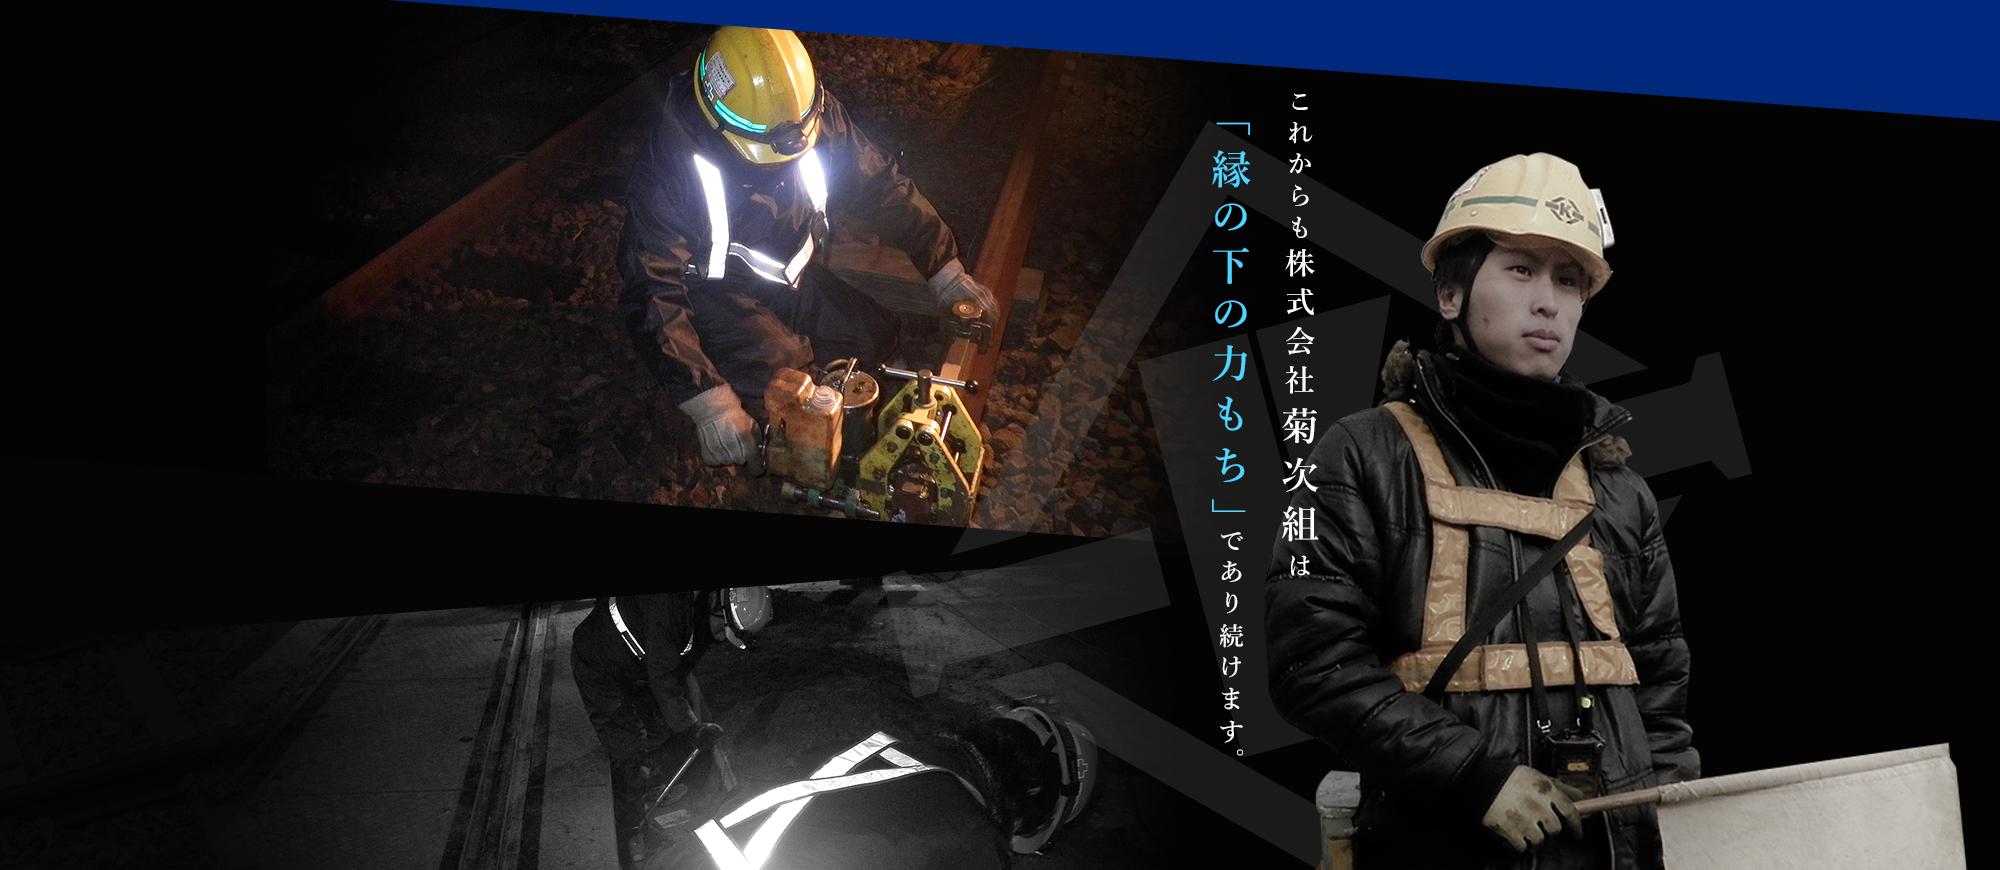 これからも株式会社菊次組は 「縁の下の力もち」であり続けます。